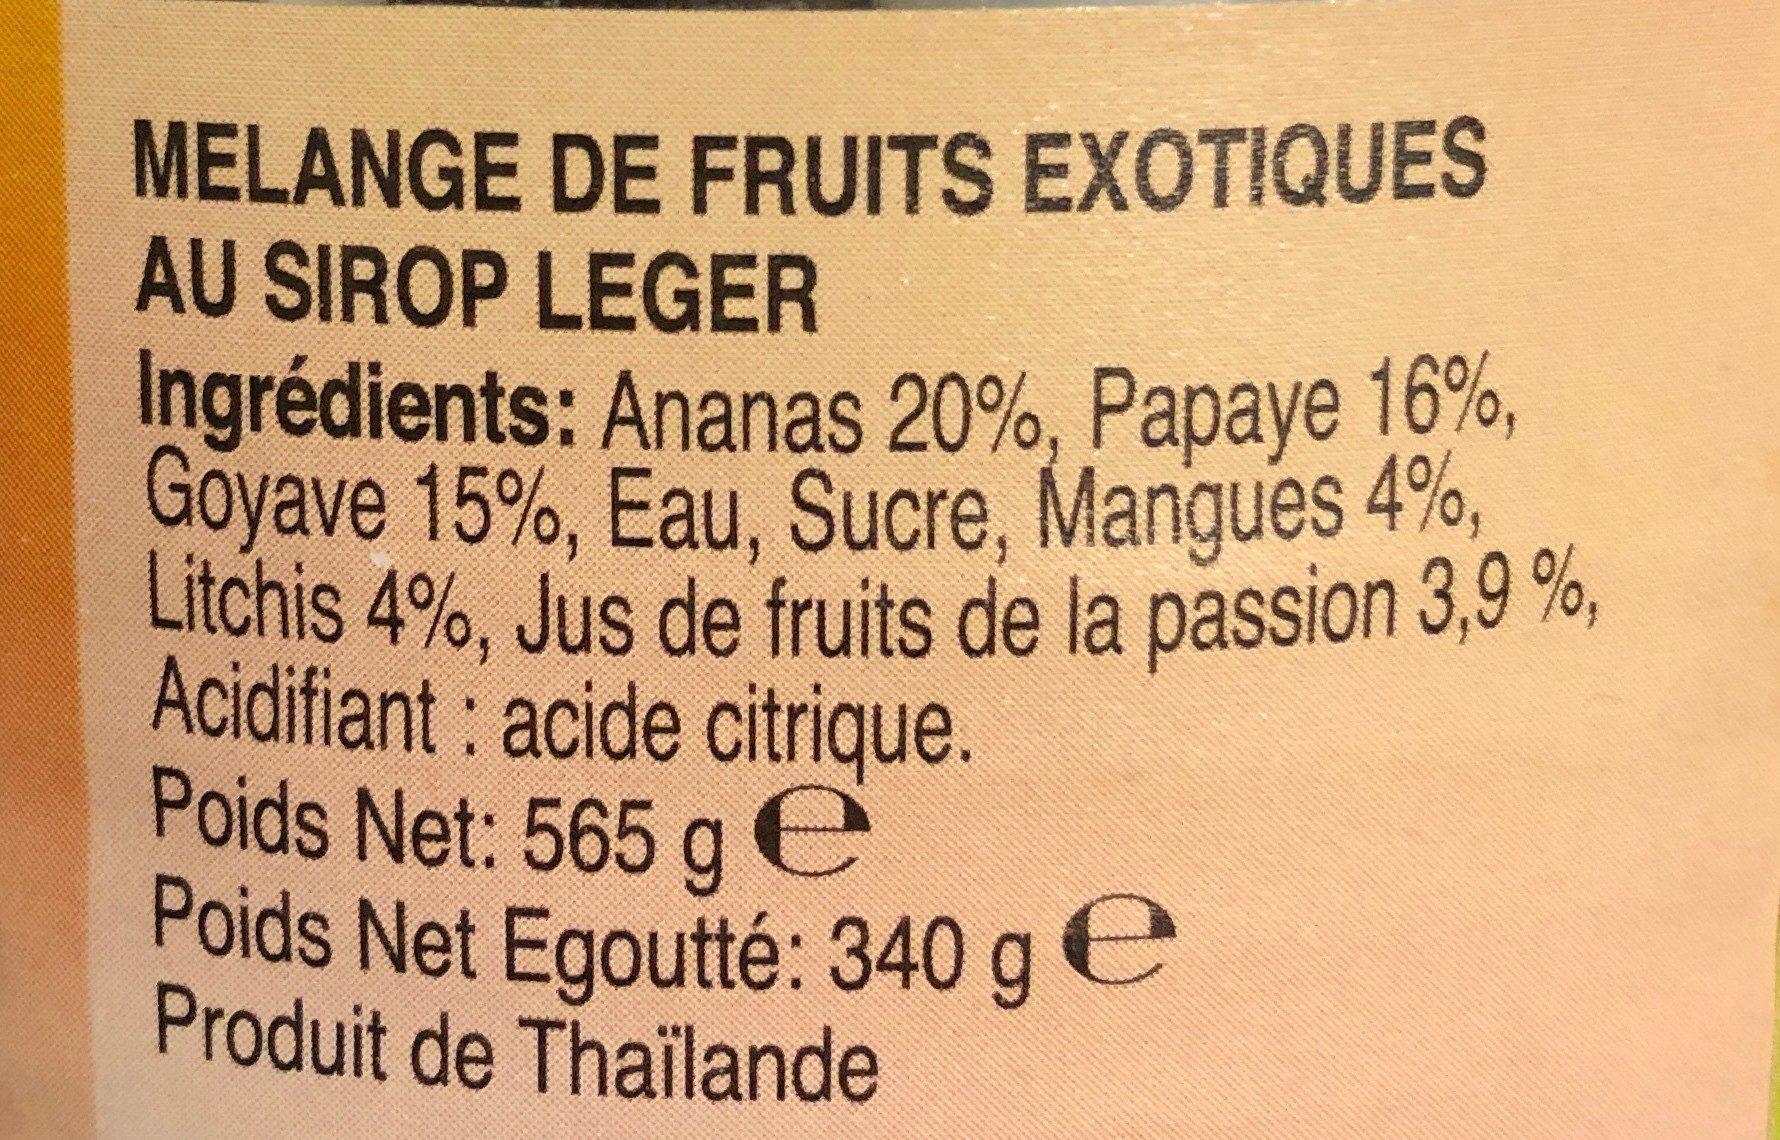 Melange de fruits exotiques - Ingrediënten - fr